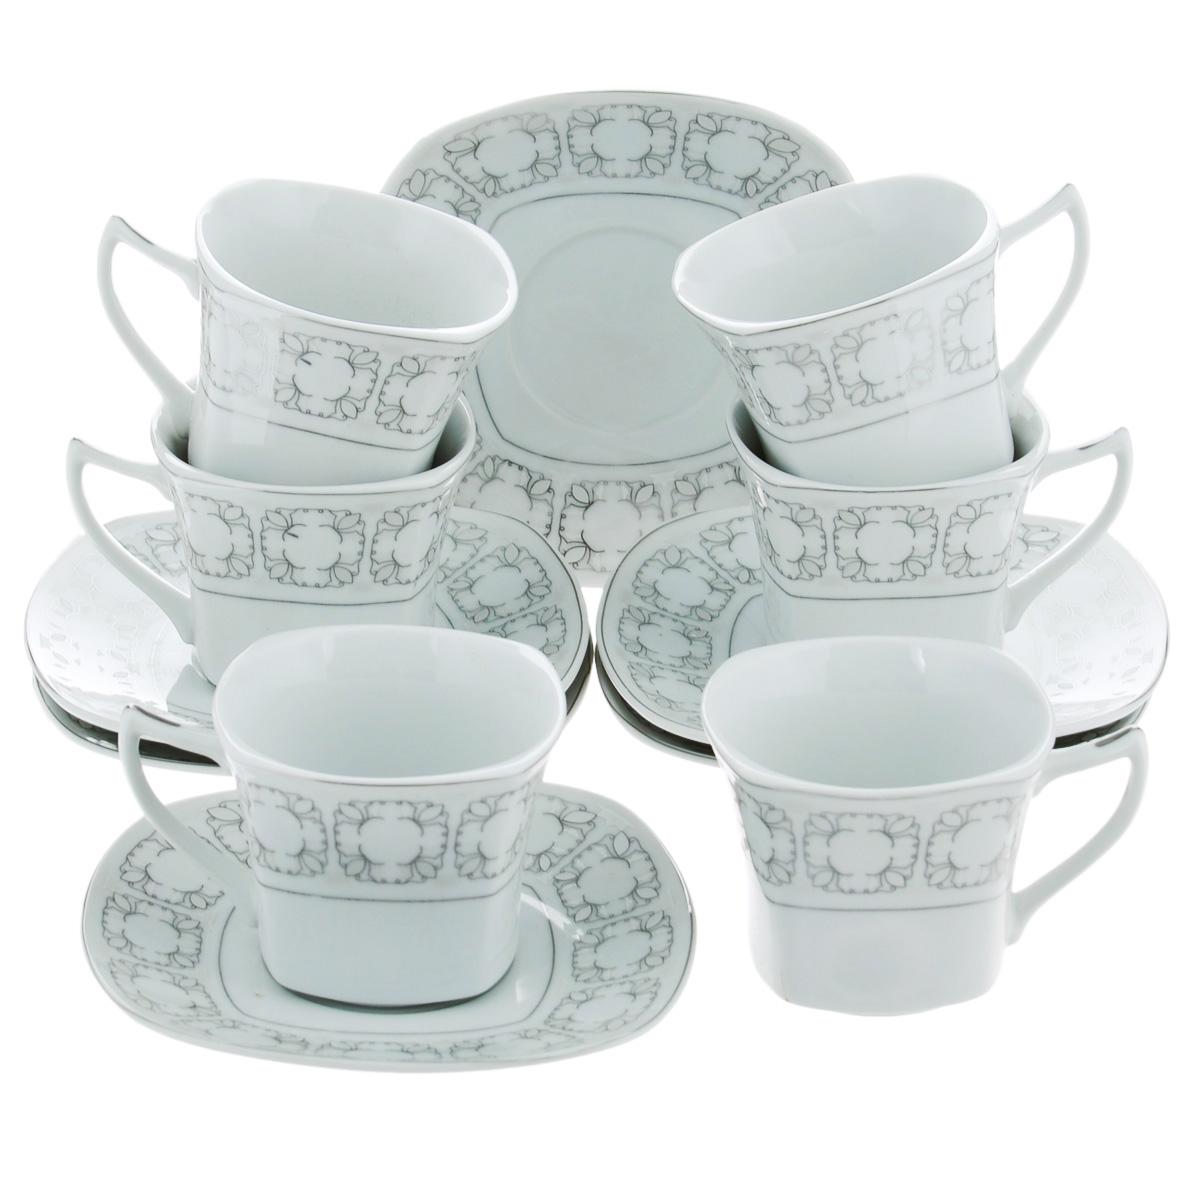 Набор чайный Bekker, 12 предметов. BK-5986BK-5986Чайный набор Bekker состоит из шести чашек и шести блюдец. Предметы набора изготовлены из высококачественного фарфора белого цвета и украшены серебристой эмалью. Изящный орнамент придает набору стильный внешний вид. Чайный набор роскошного дизайна украсит интерьер кухни. Прекрасно подойдет как для торжественных случаев, так и для ежедневного использования. Набор упакован в подарочную картонную коробку серебристого цвета. Подходит для мытья в посудомоечной машине. Объем чашки: 150 мл. Размер чашки (по верхнему краю): 8 см х 8 см. Высота чашки: 6,5 см. Размер блюдца: 14 см х 14 см.